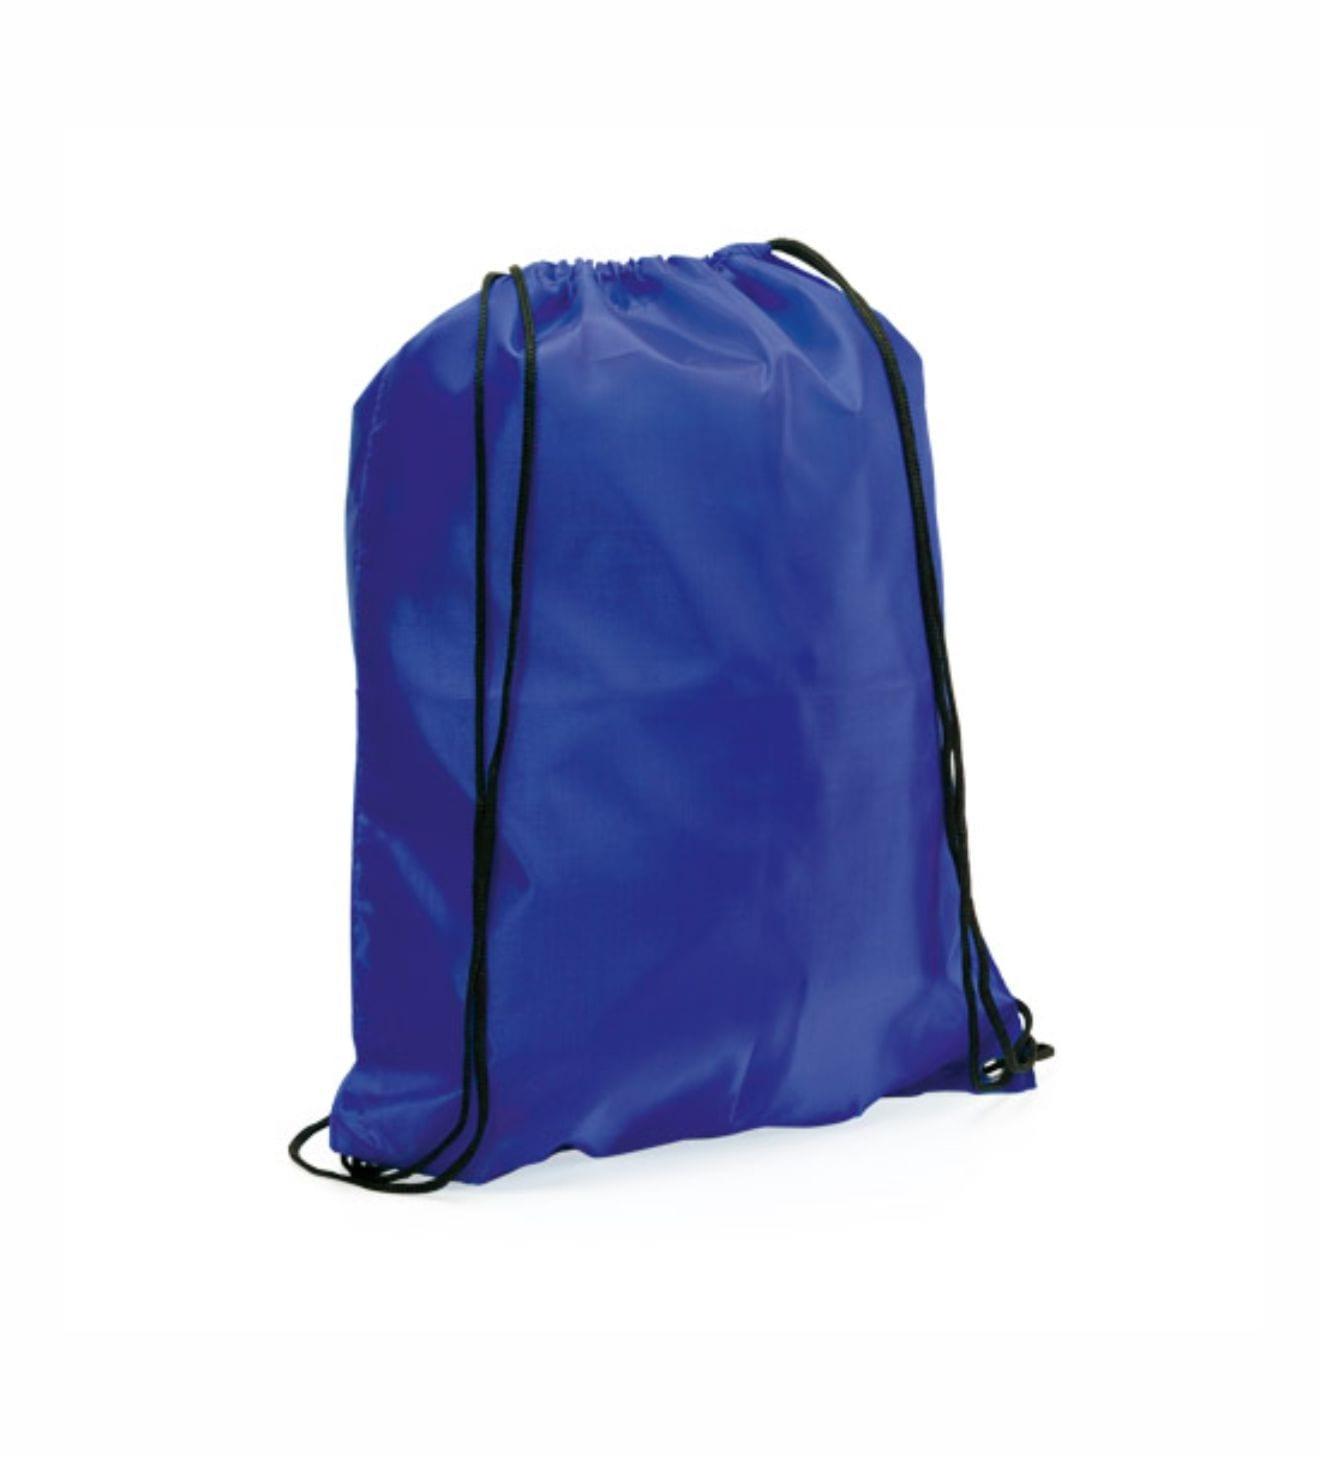 Mochilas Promocionales Azul. Regalos de Empresa Azul oscuro